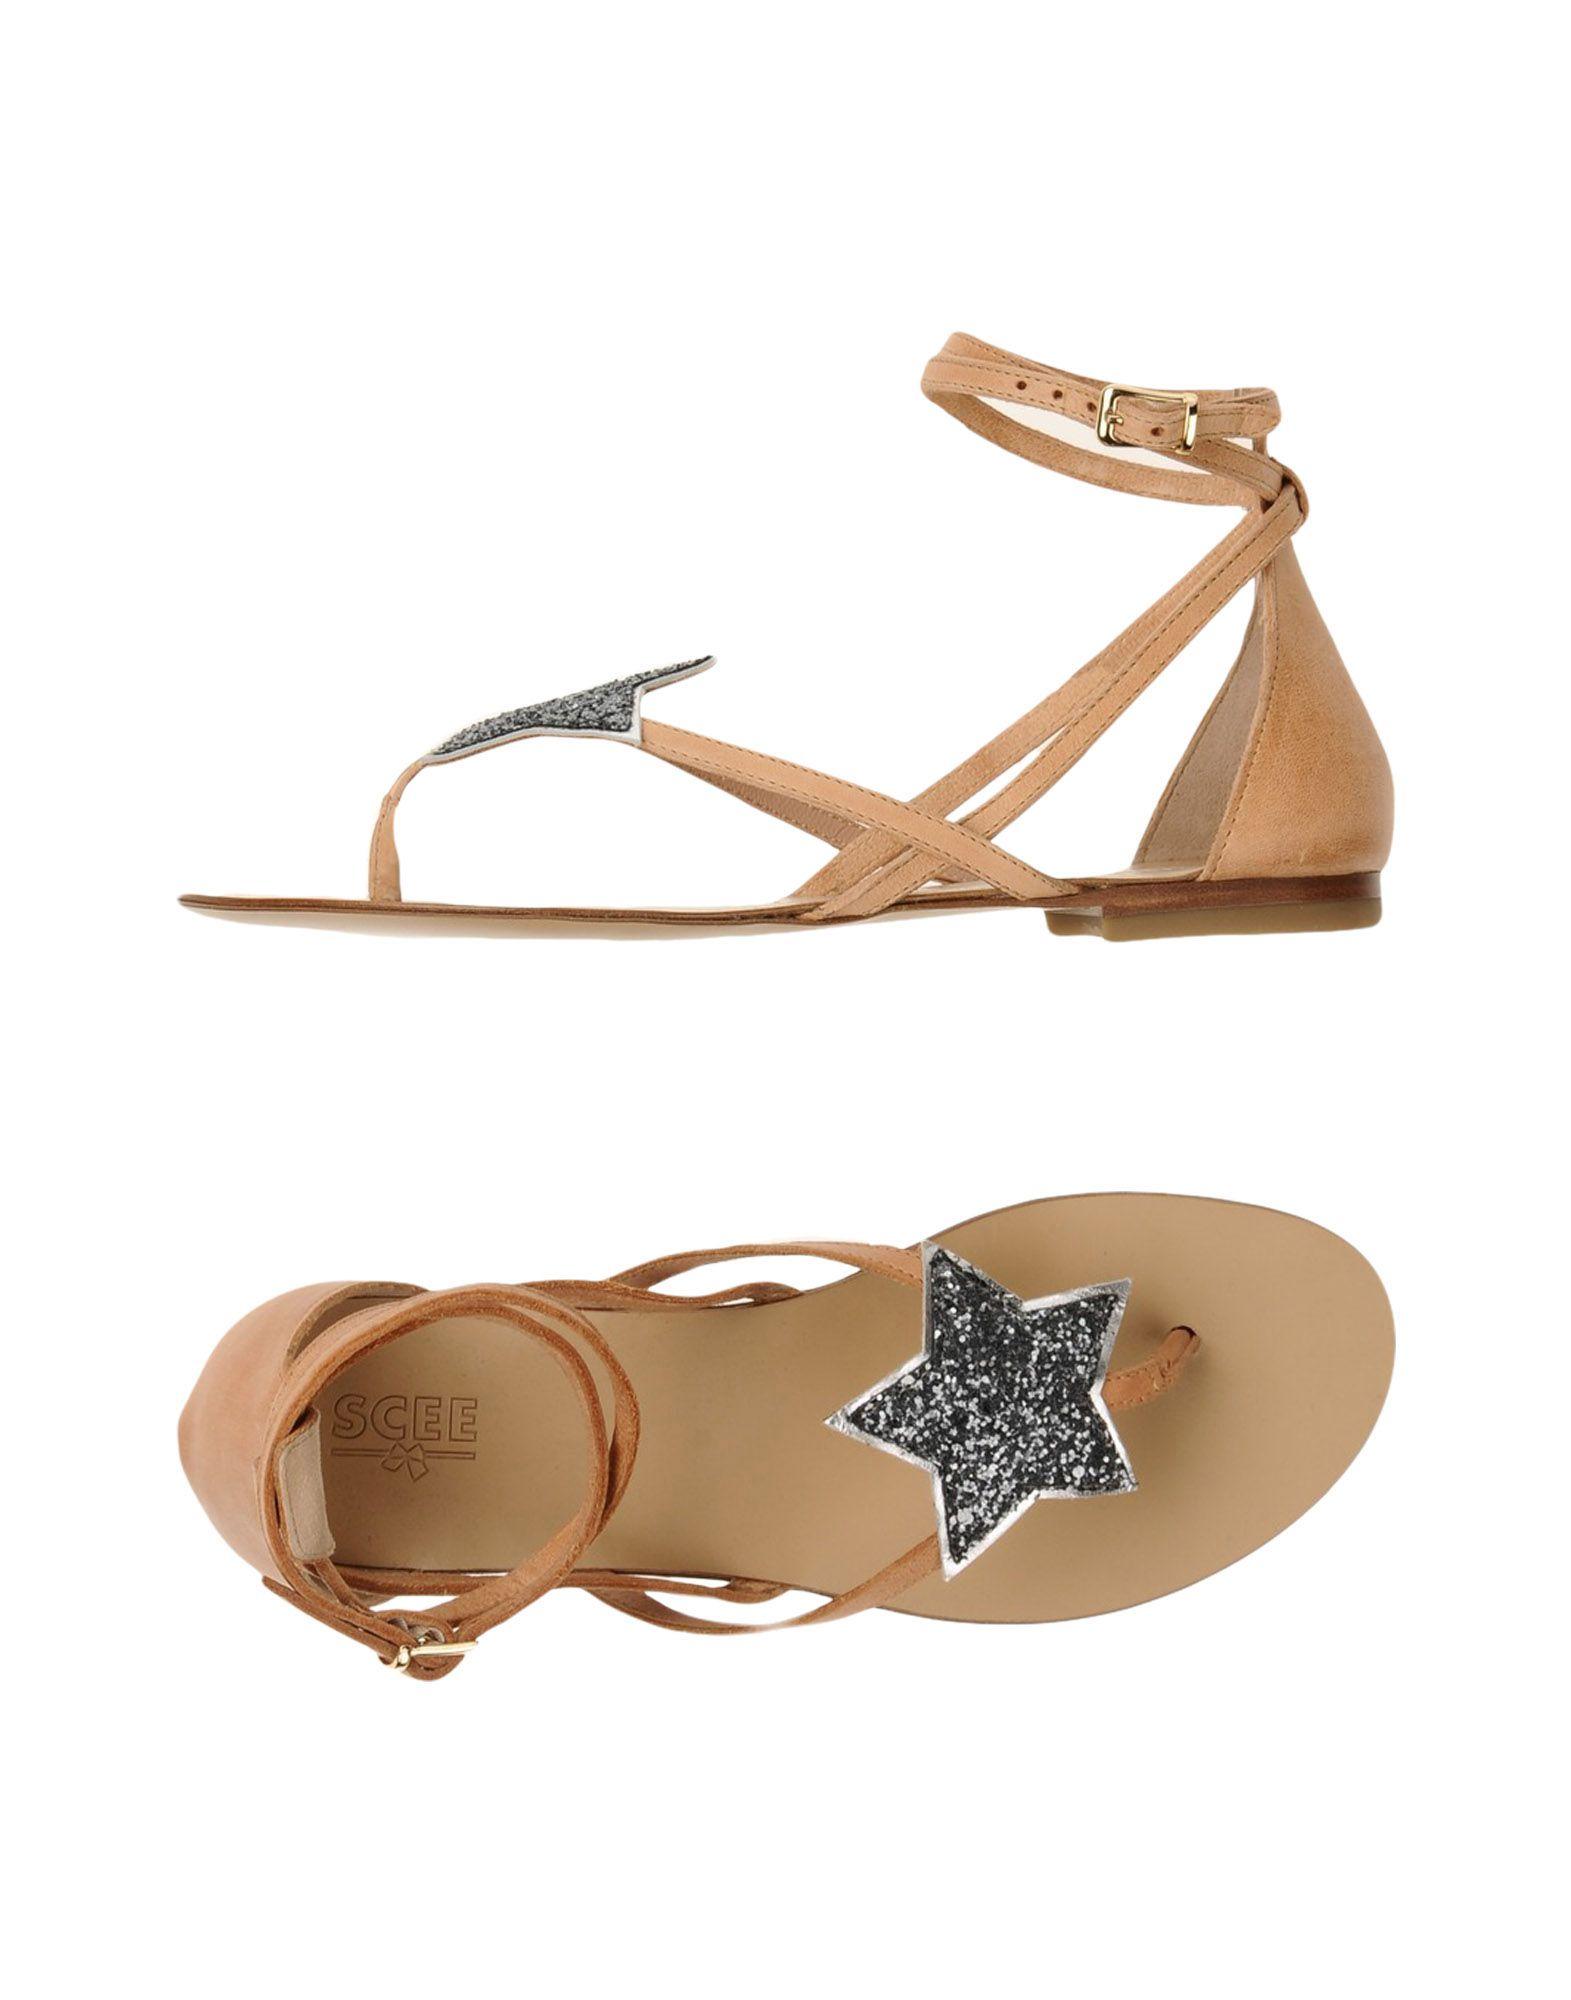 Scee By Twin 11369235PH Gute Qualität beliebte Schuhe